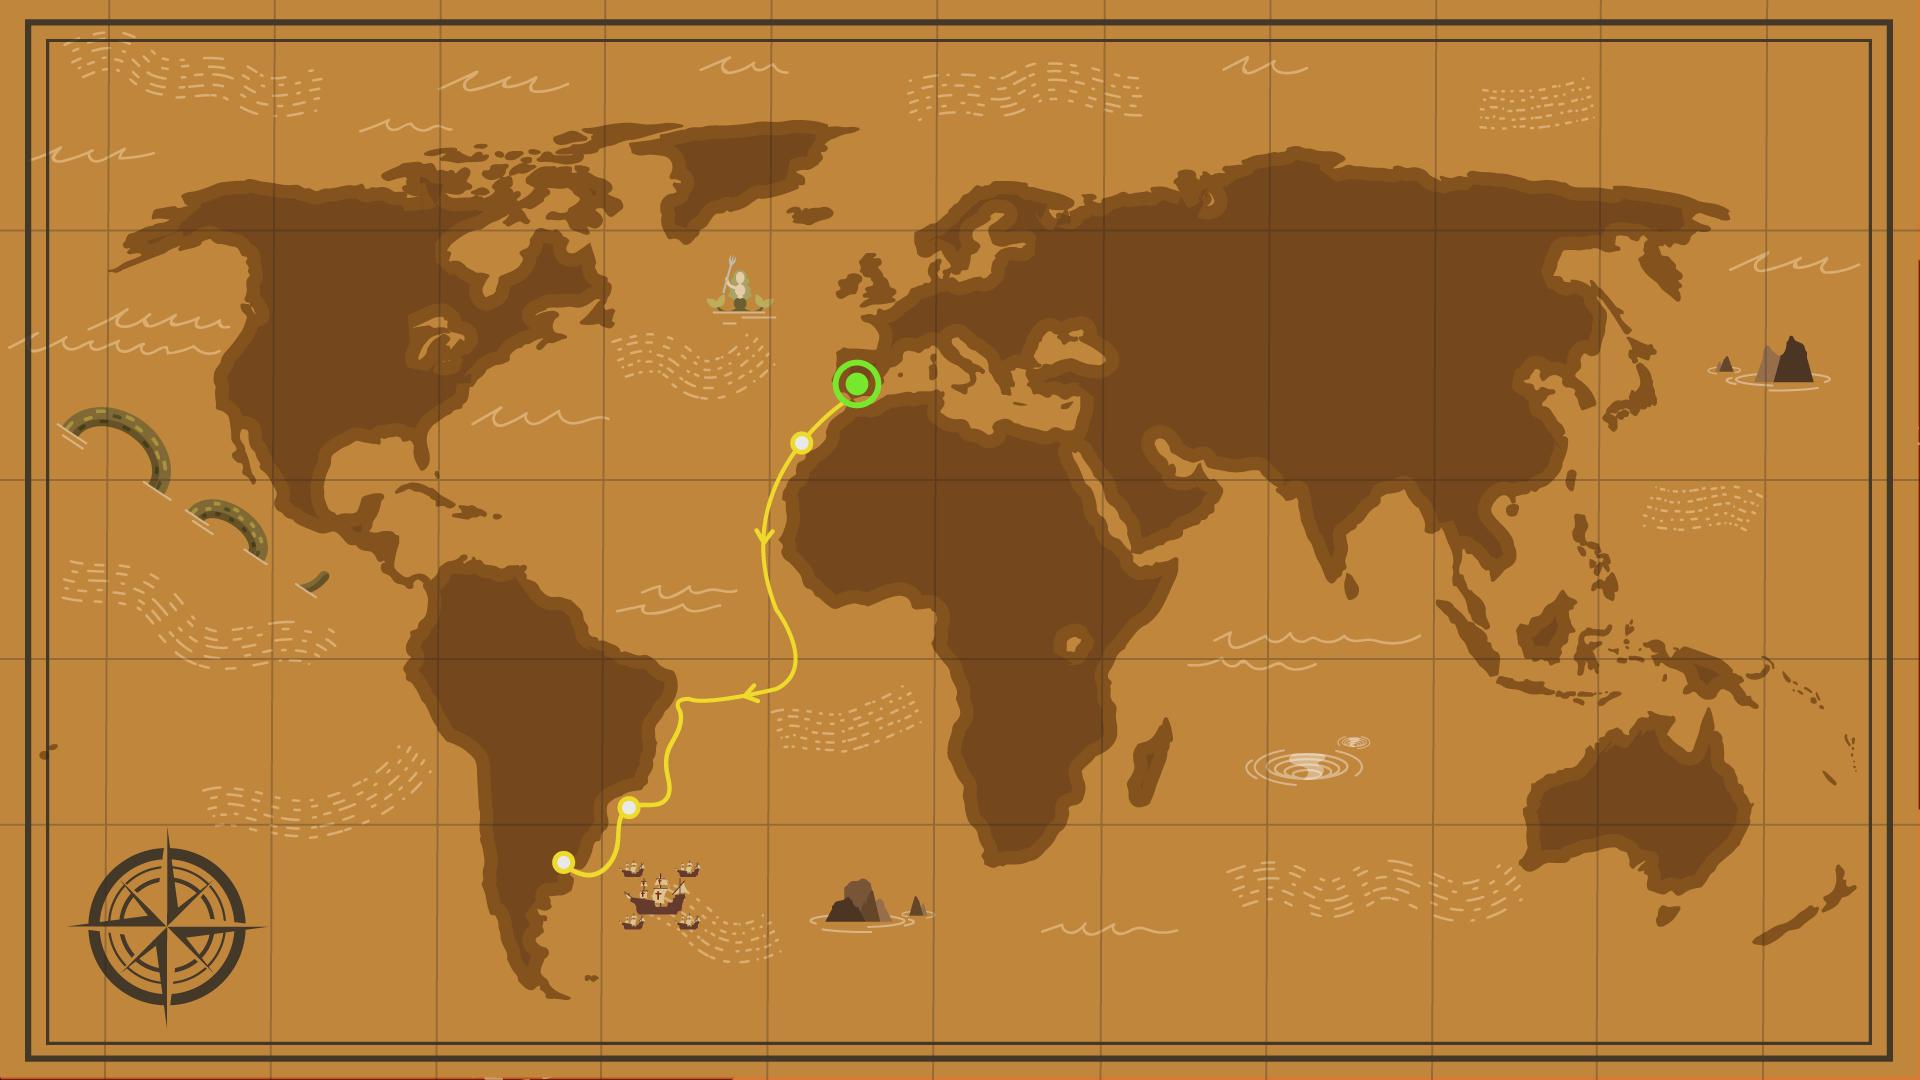 Avance de la vuelta al mundo de Magallanes y Elcano hasta enero de 1520. | Alex Miklan